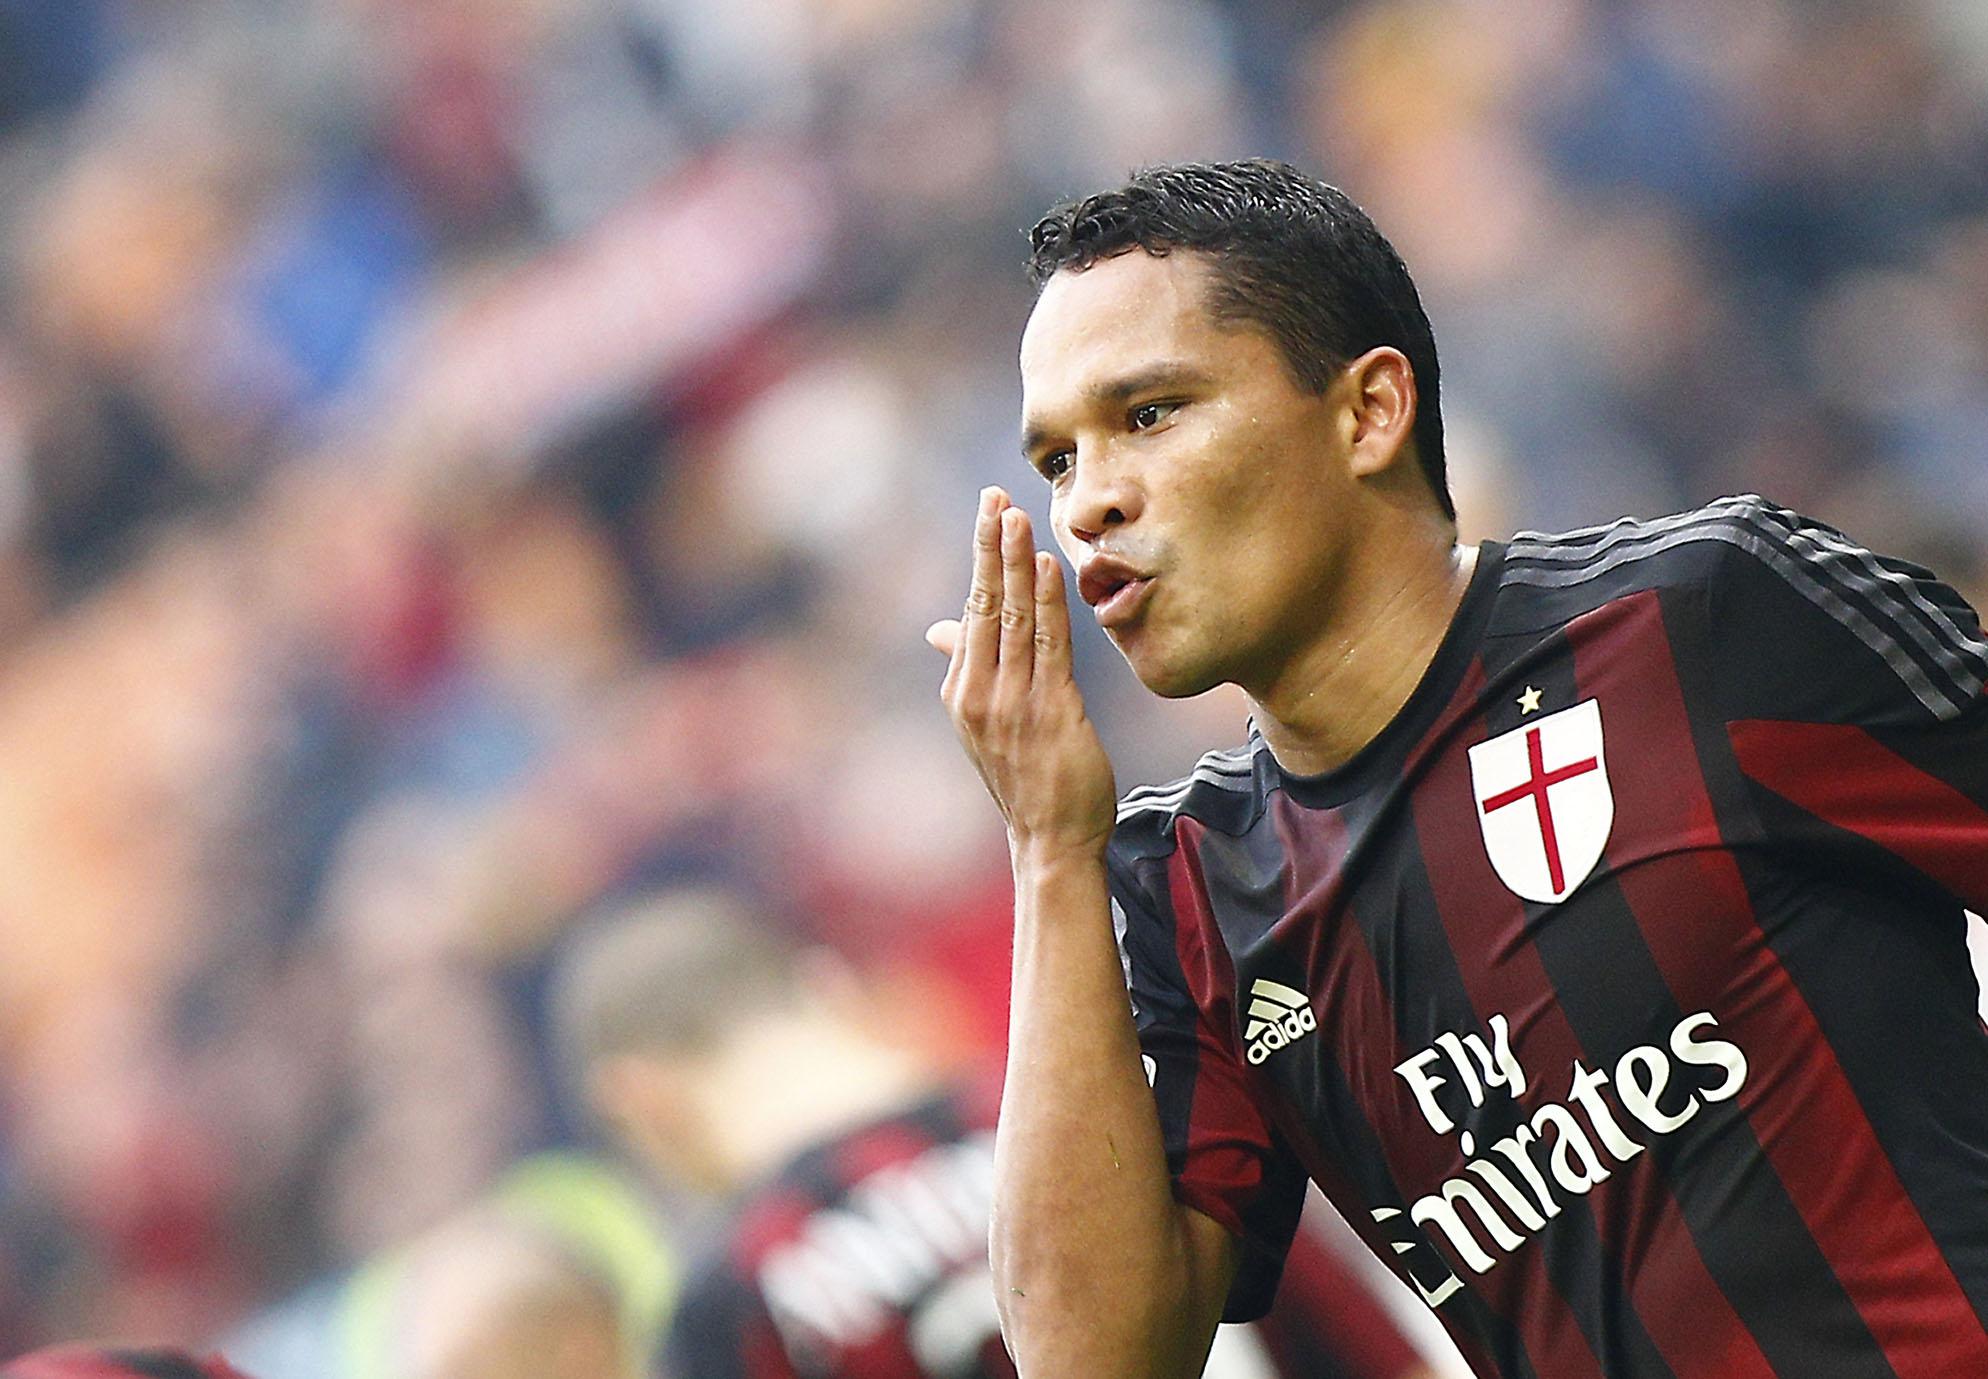 Calciomercato - Milan: l'Atletico Madrid va in pressing su Bacca